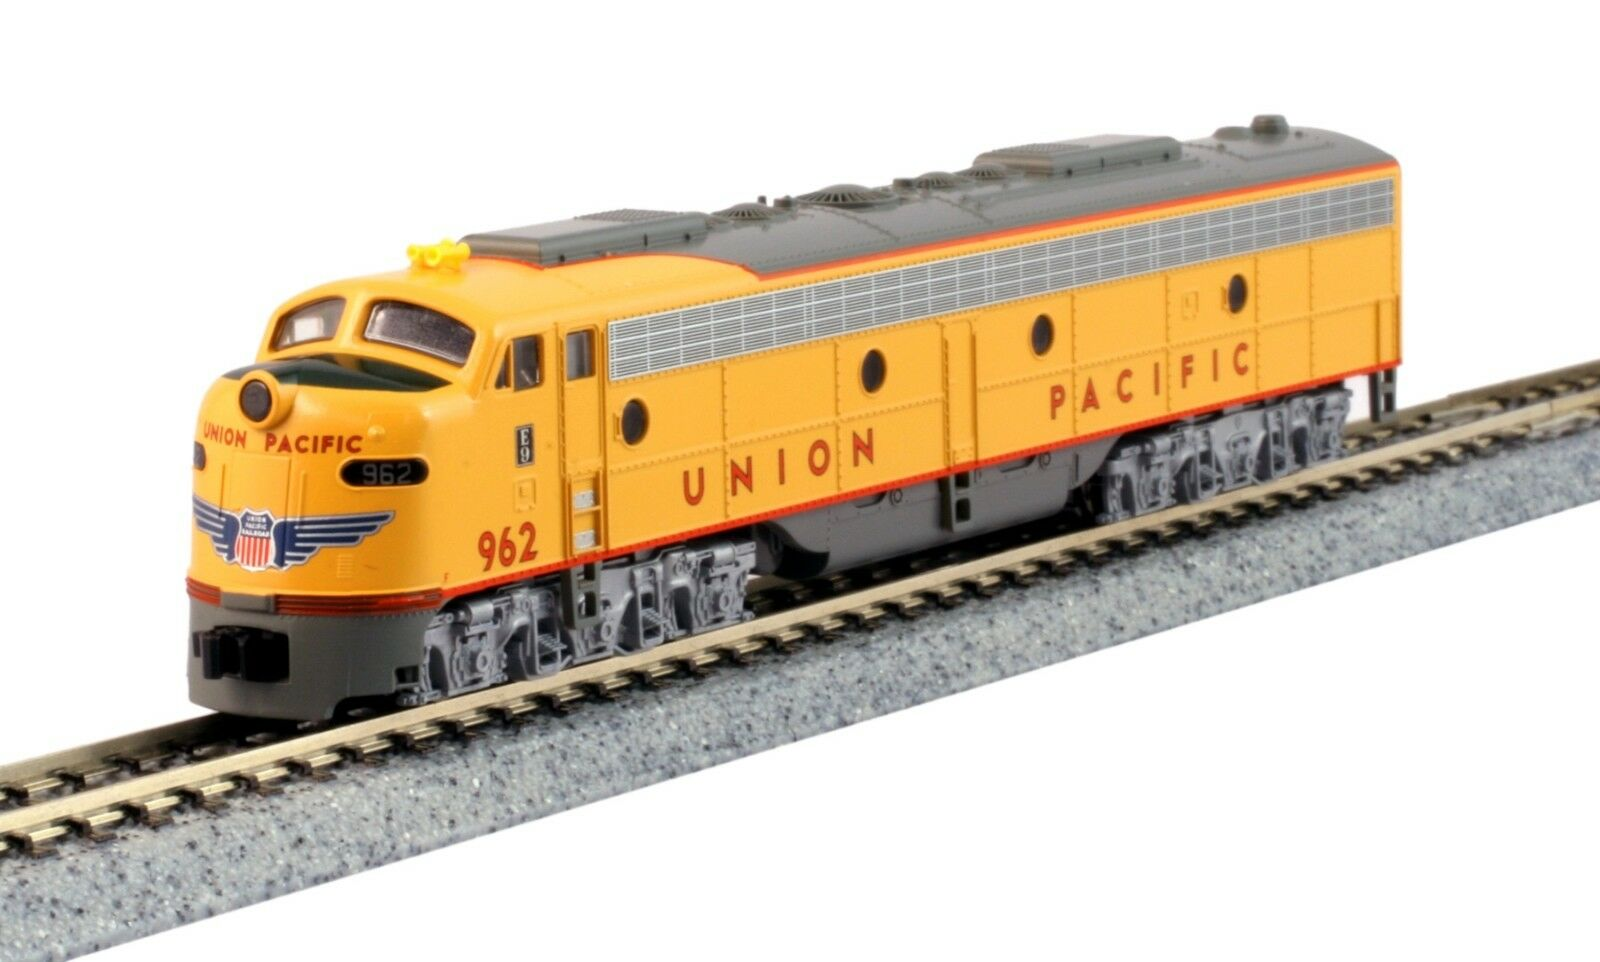 nuevo Kato 176-5318 N escala E9A Union Pacific 962 la ciudad de Los Angeles DC 1765318